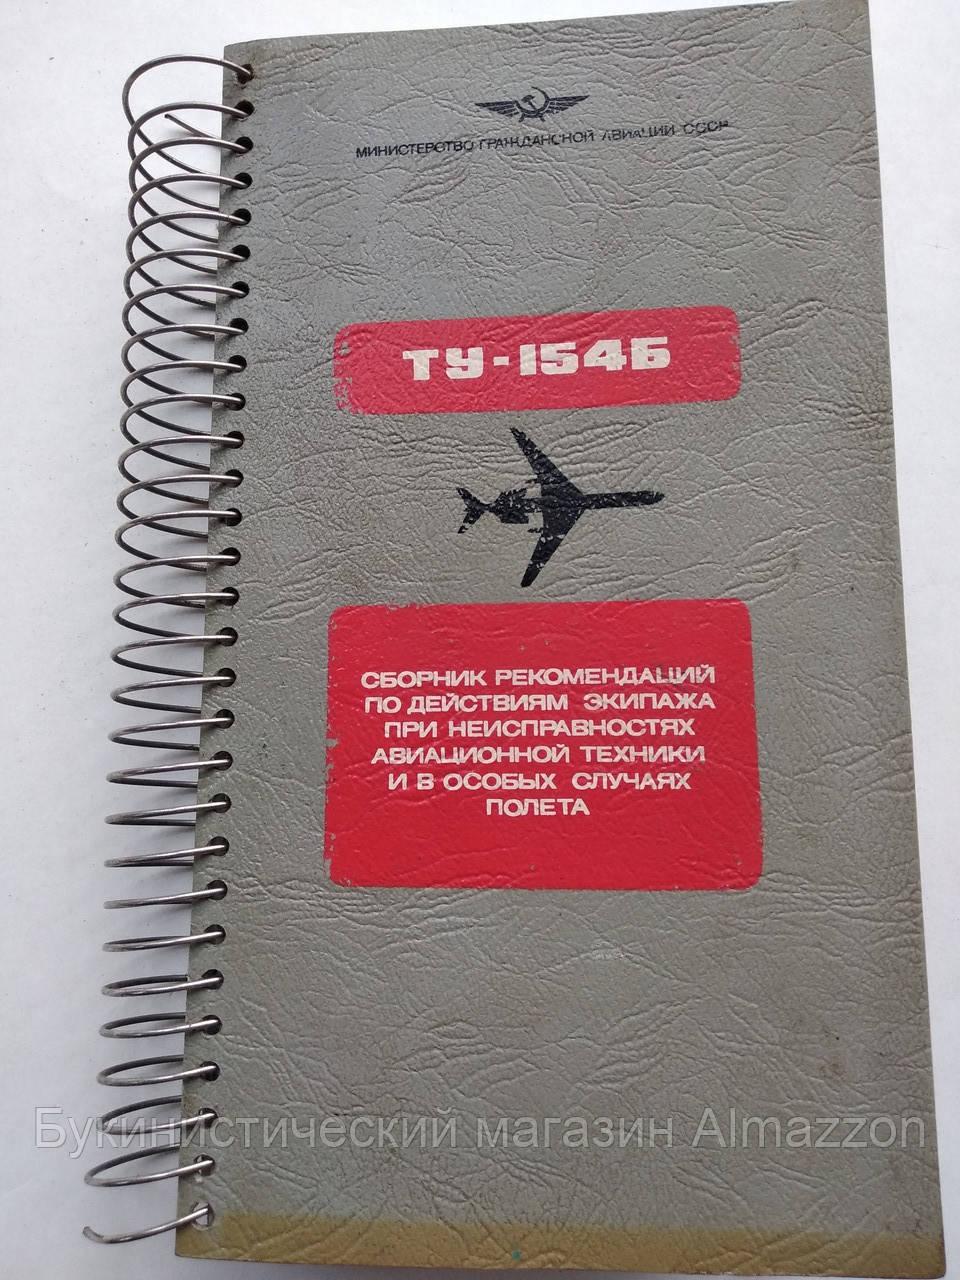 ТУ 154Б Сборник рекомендаций по действиям экипажа. Министерство гражданской авиации СССР. Аэрофлот